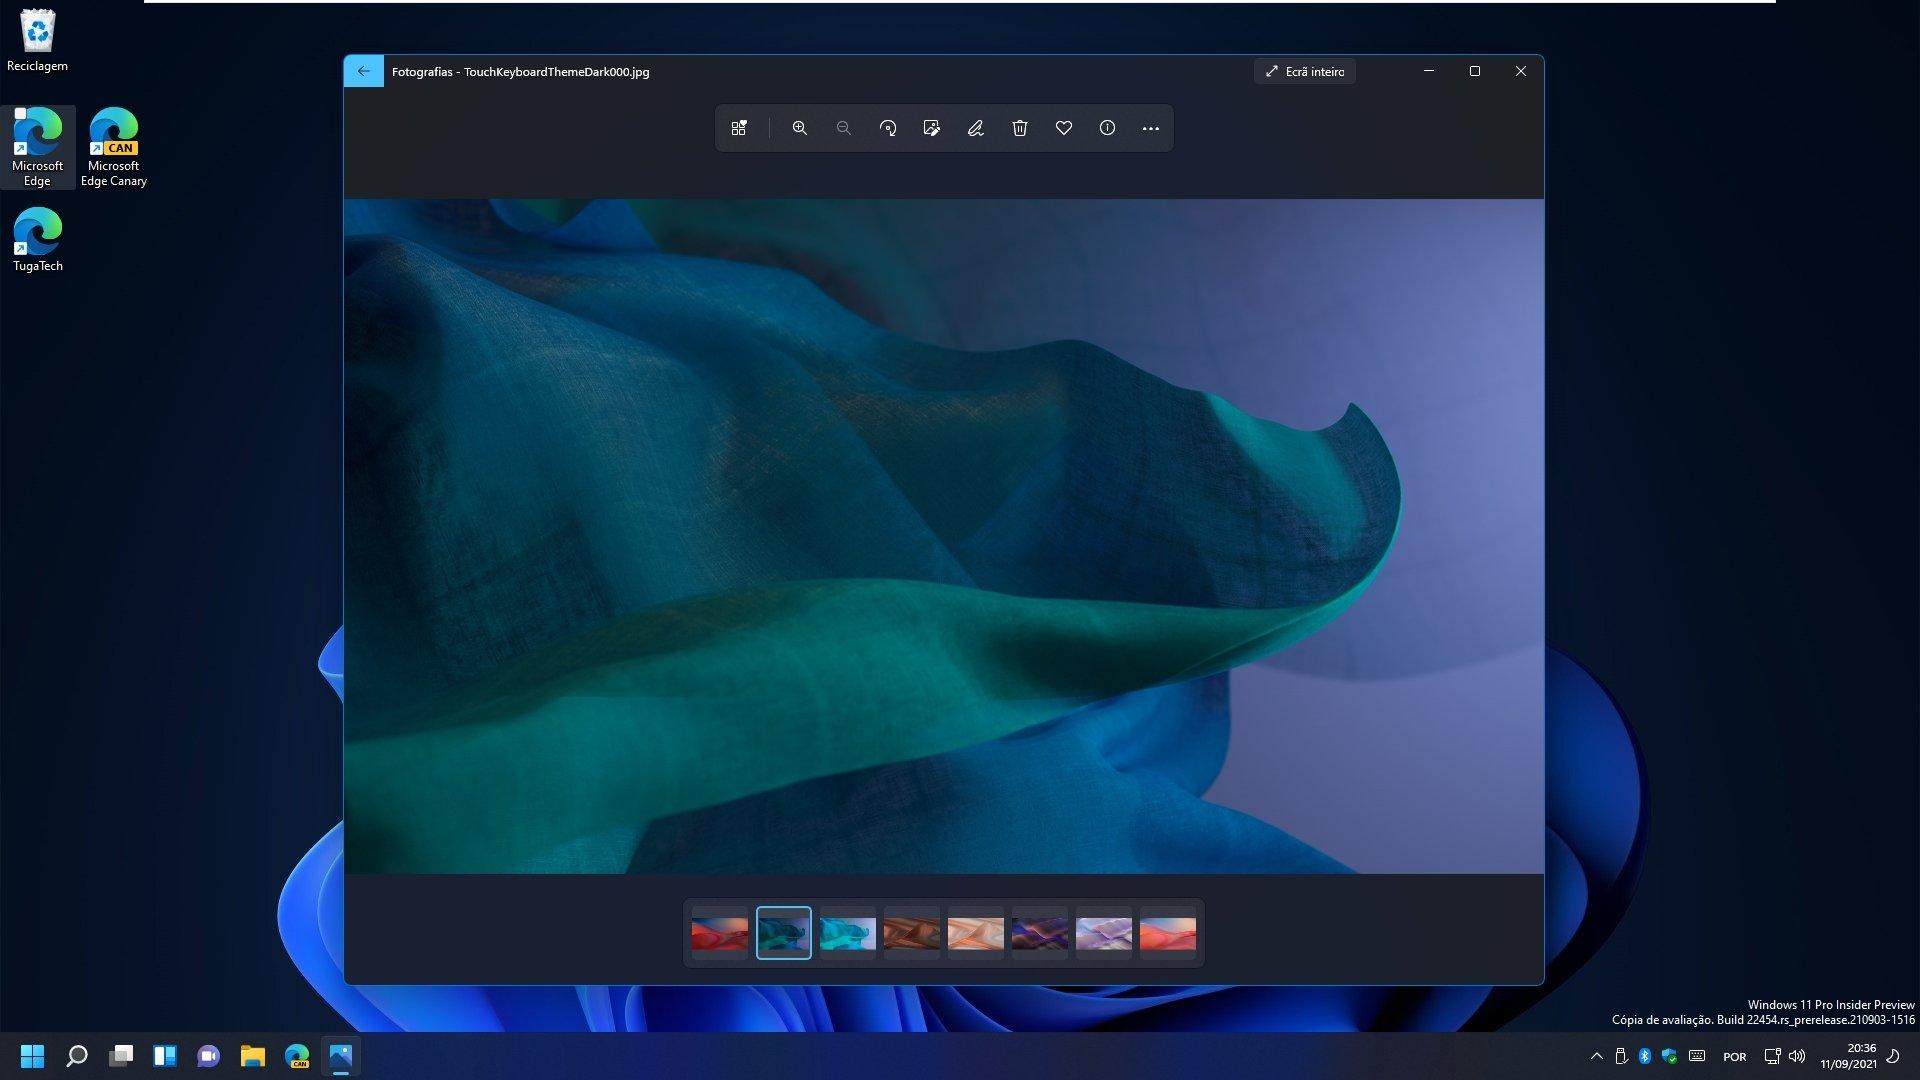 Windows 11 aplicação de fotografias